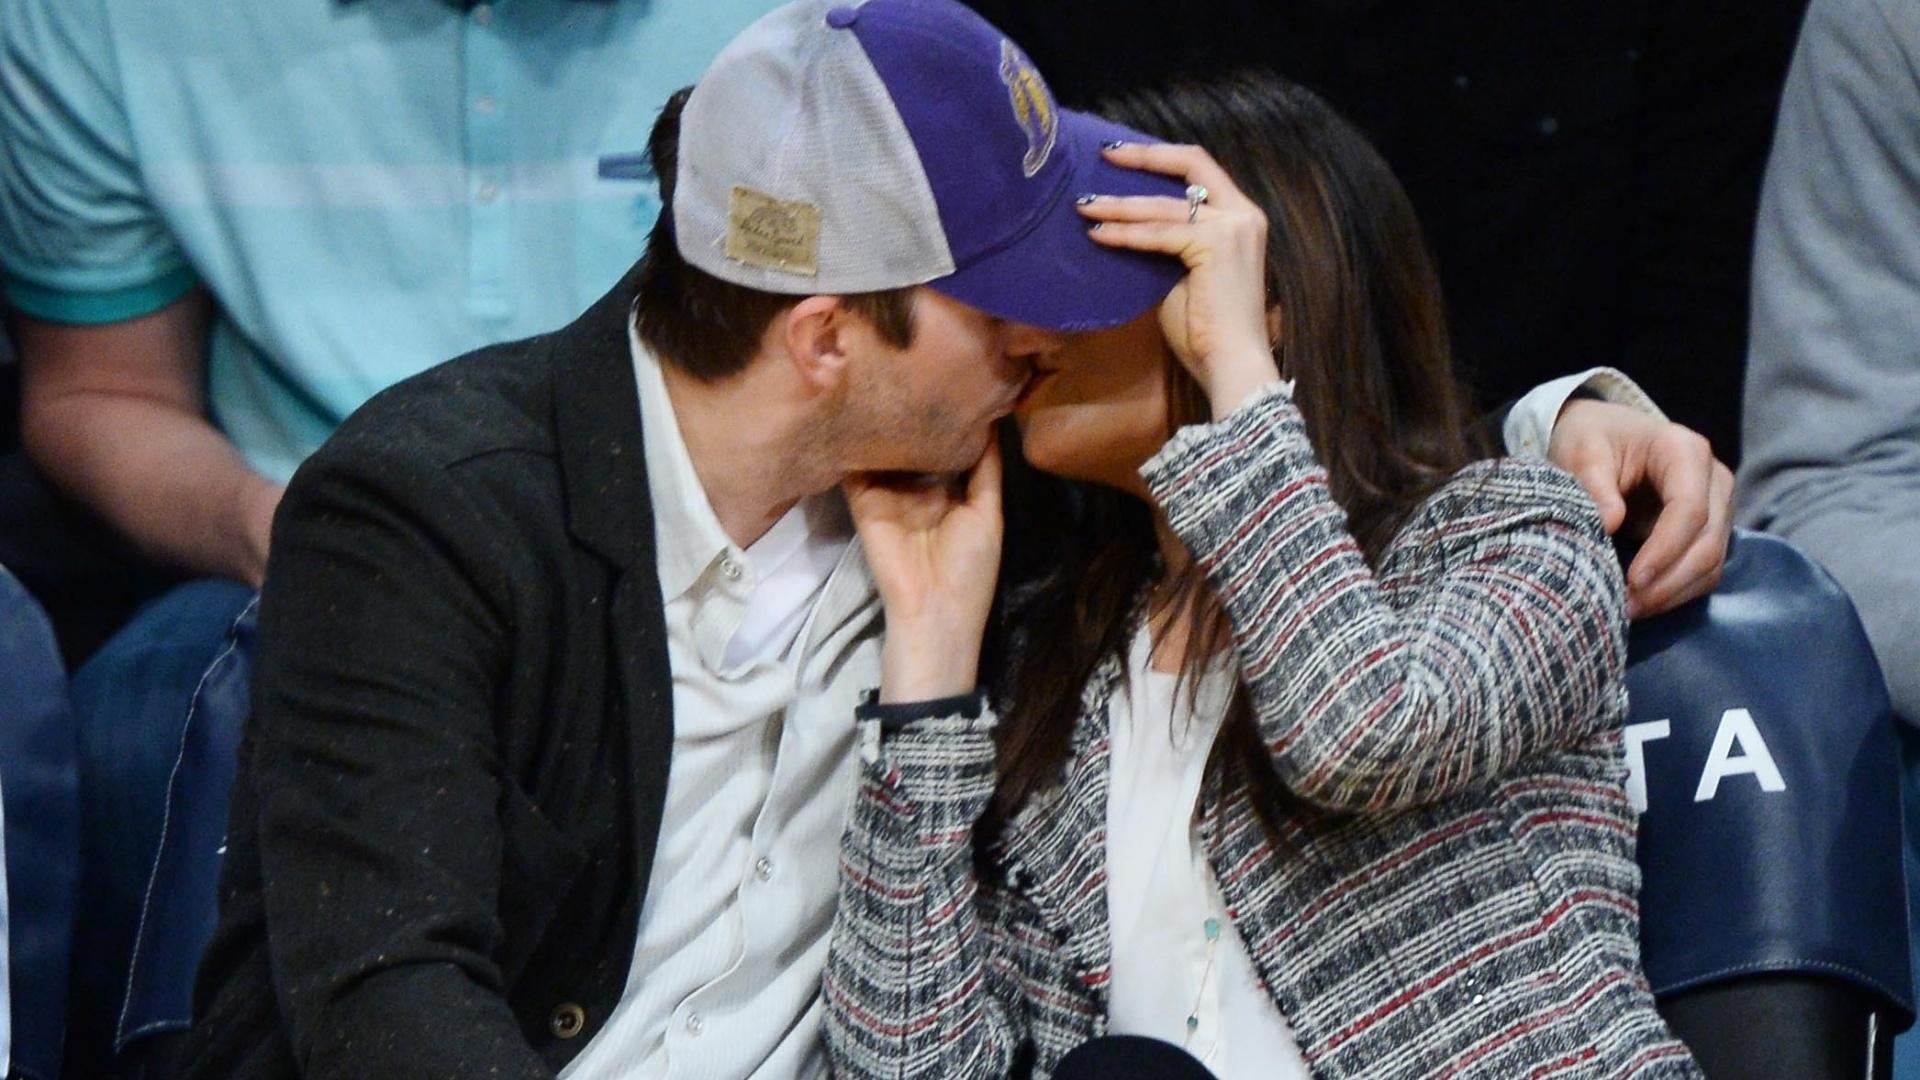 5.mar.2014- Ashton Kutcher e Mila Kunis se beijam no jogo do Los Angeles Lakers, em Los Angeles. o casal foi flagrado sorrindo no momento de lazer e a atriz exibiu seu anel de noivado